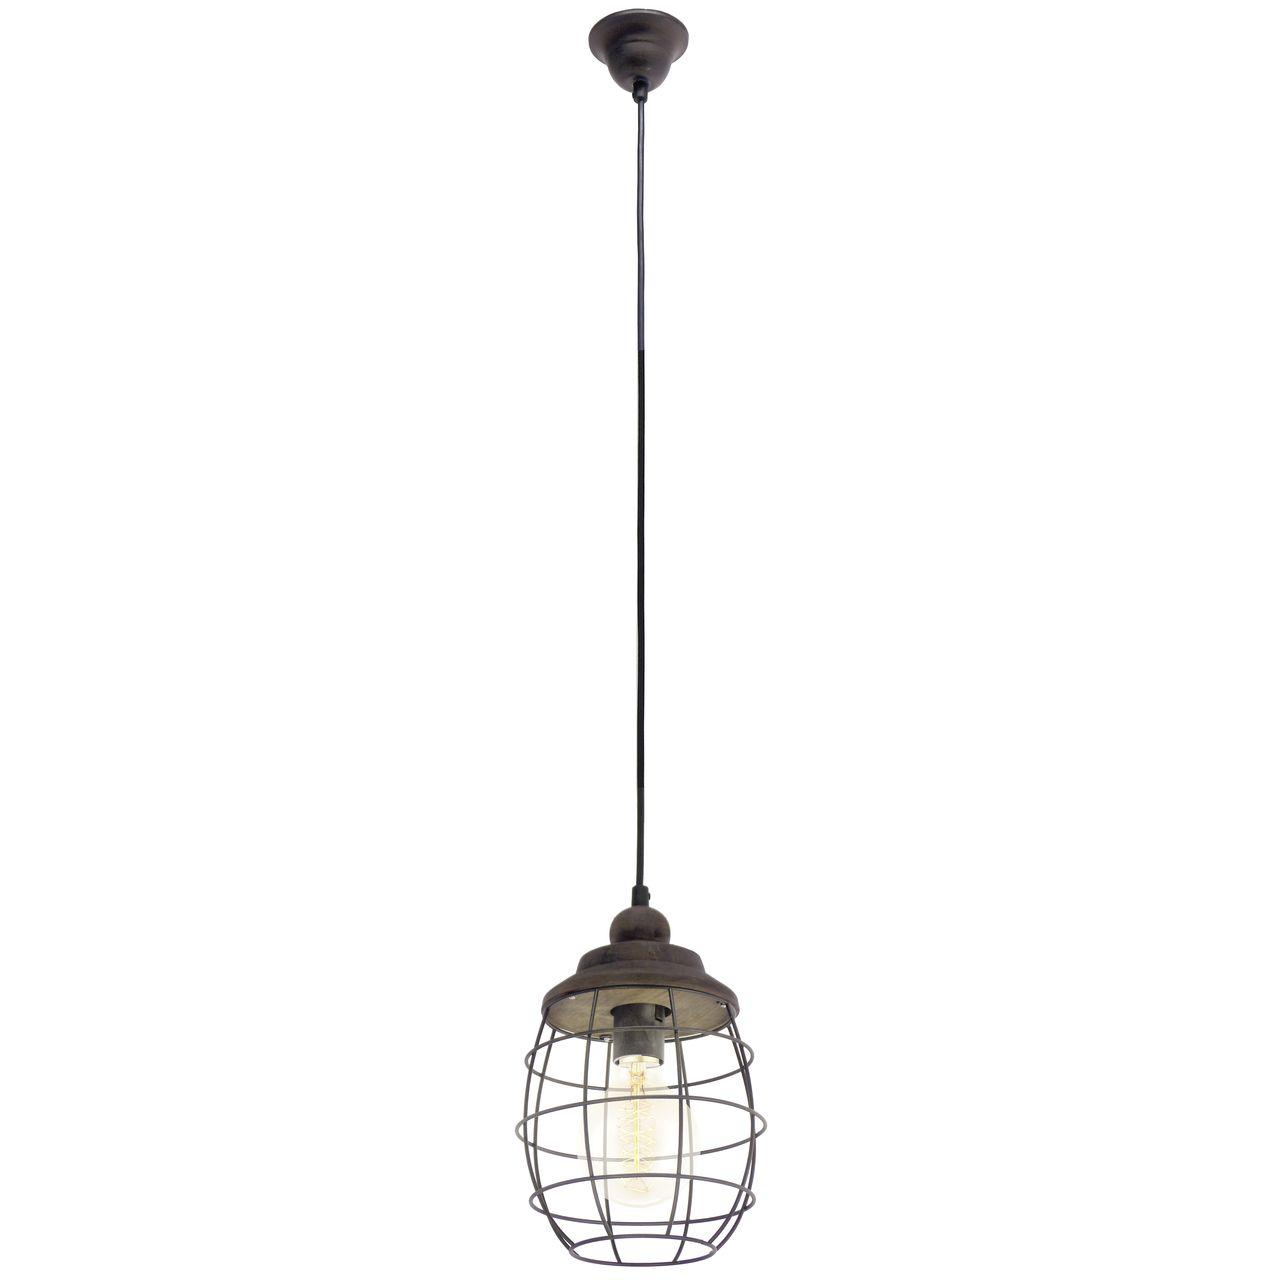 Подвесной светильник Eglo Vintage 49219 подвесной светильник eglo vintage 49244